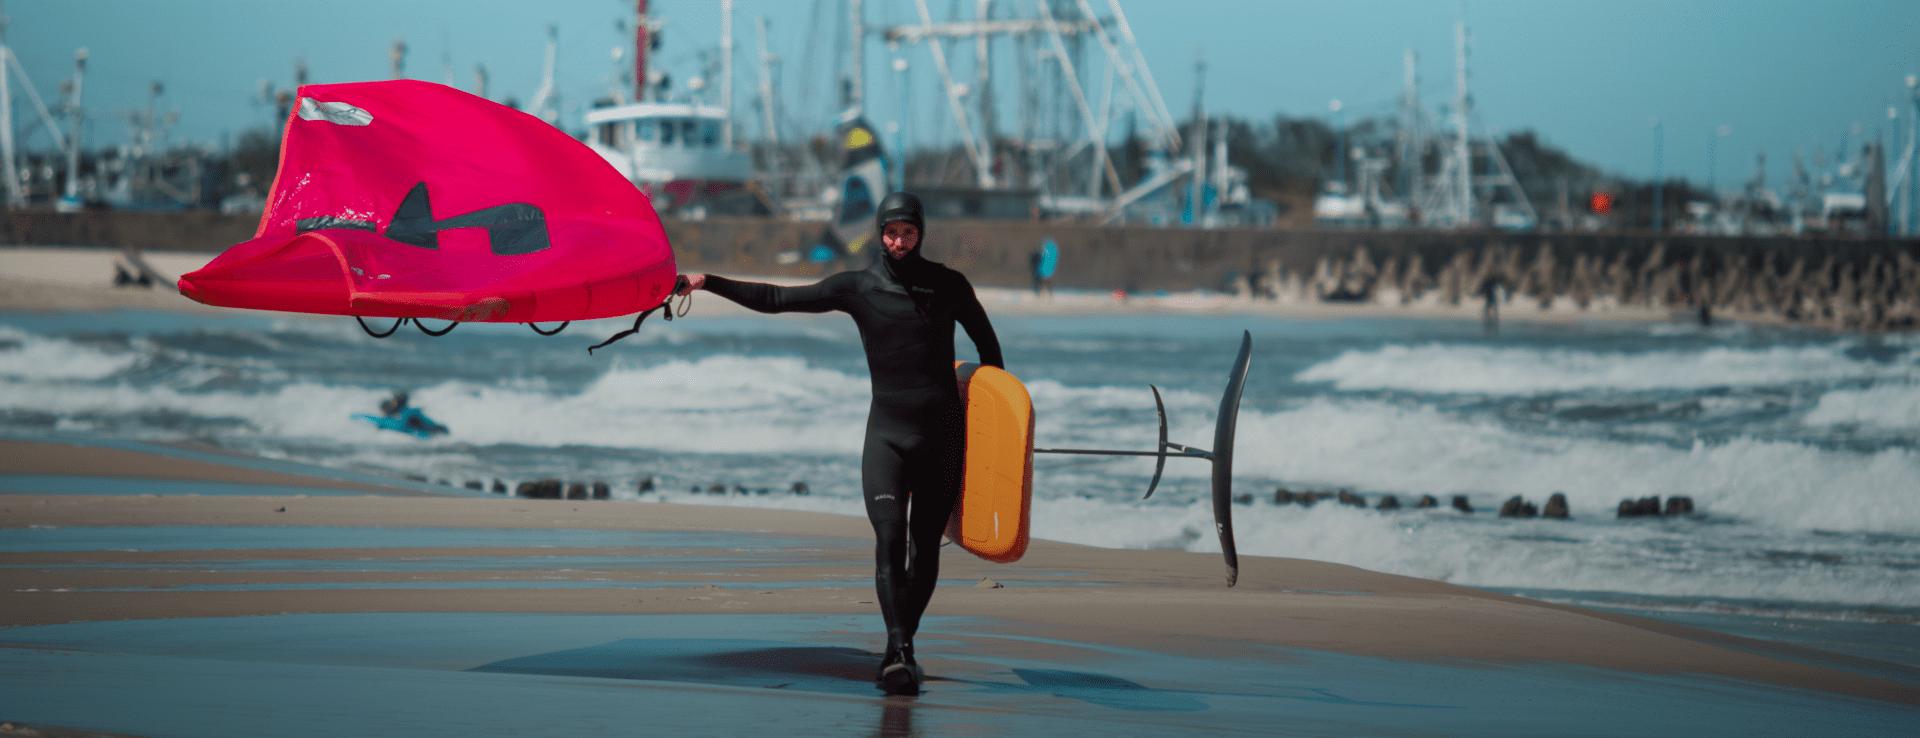 surfer z latawcem - Wypożyczalnia wing